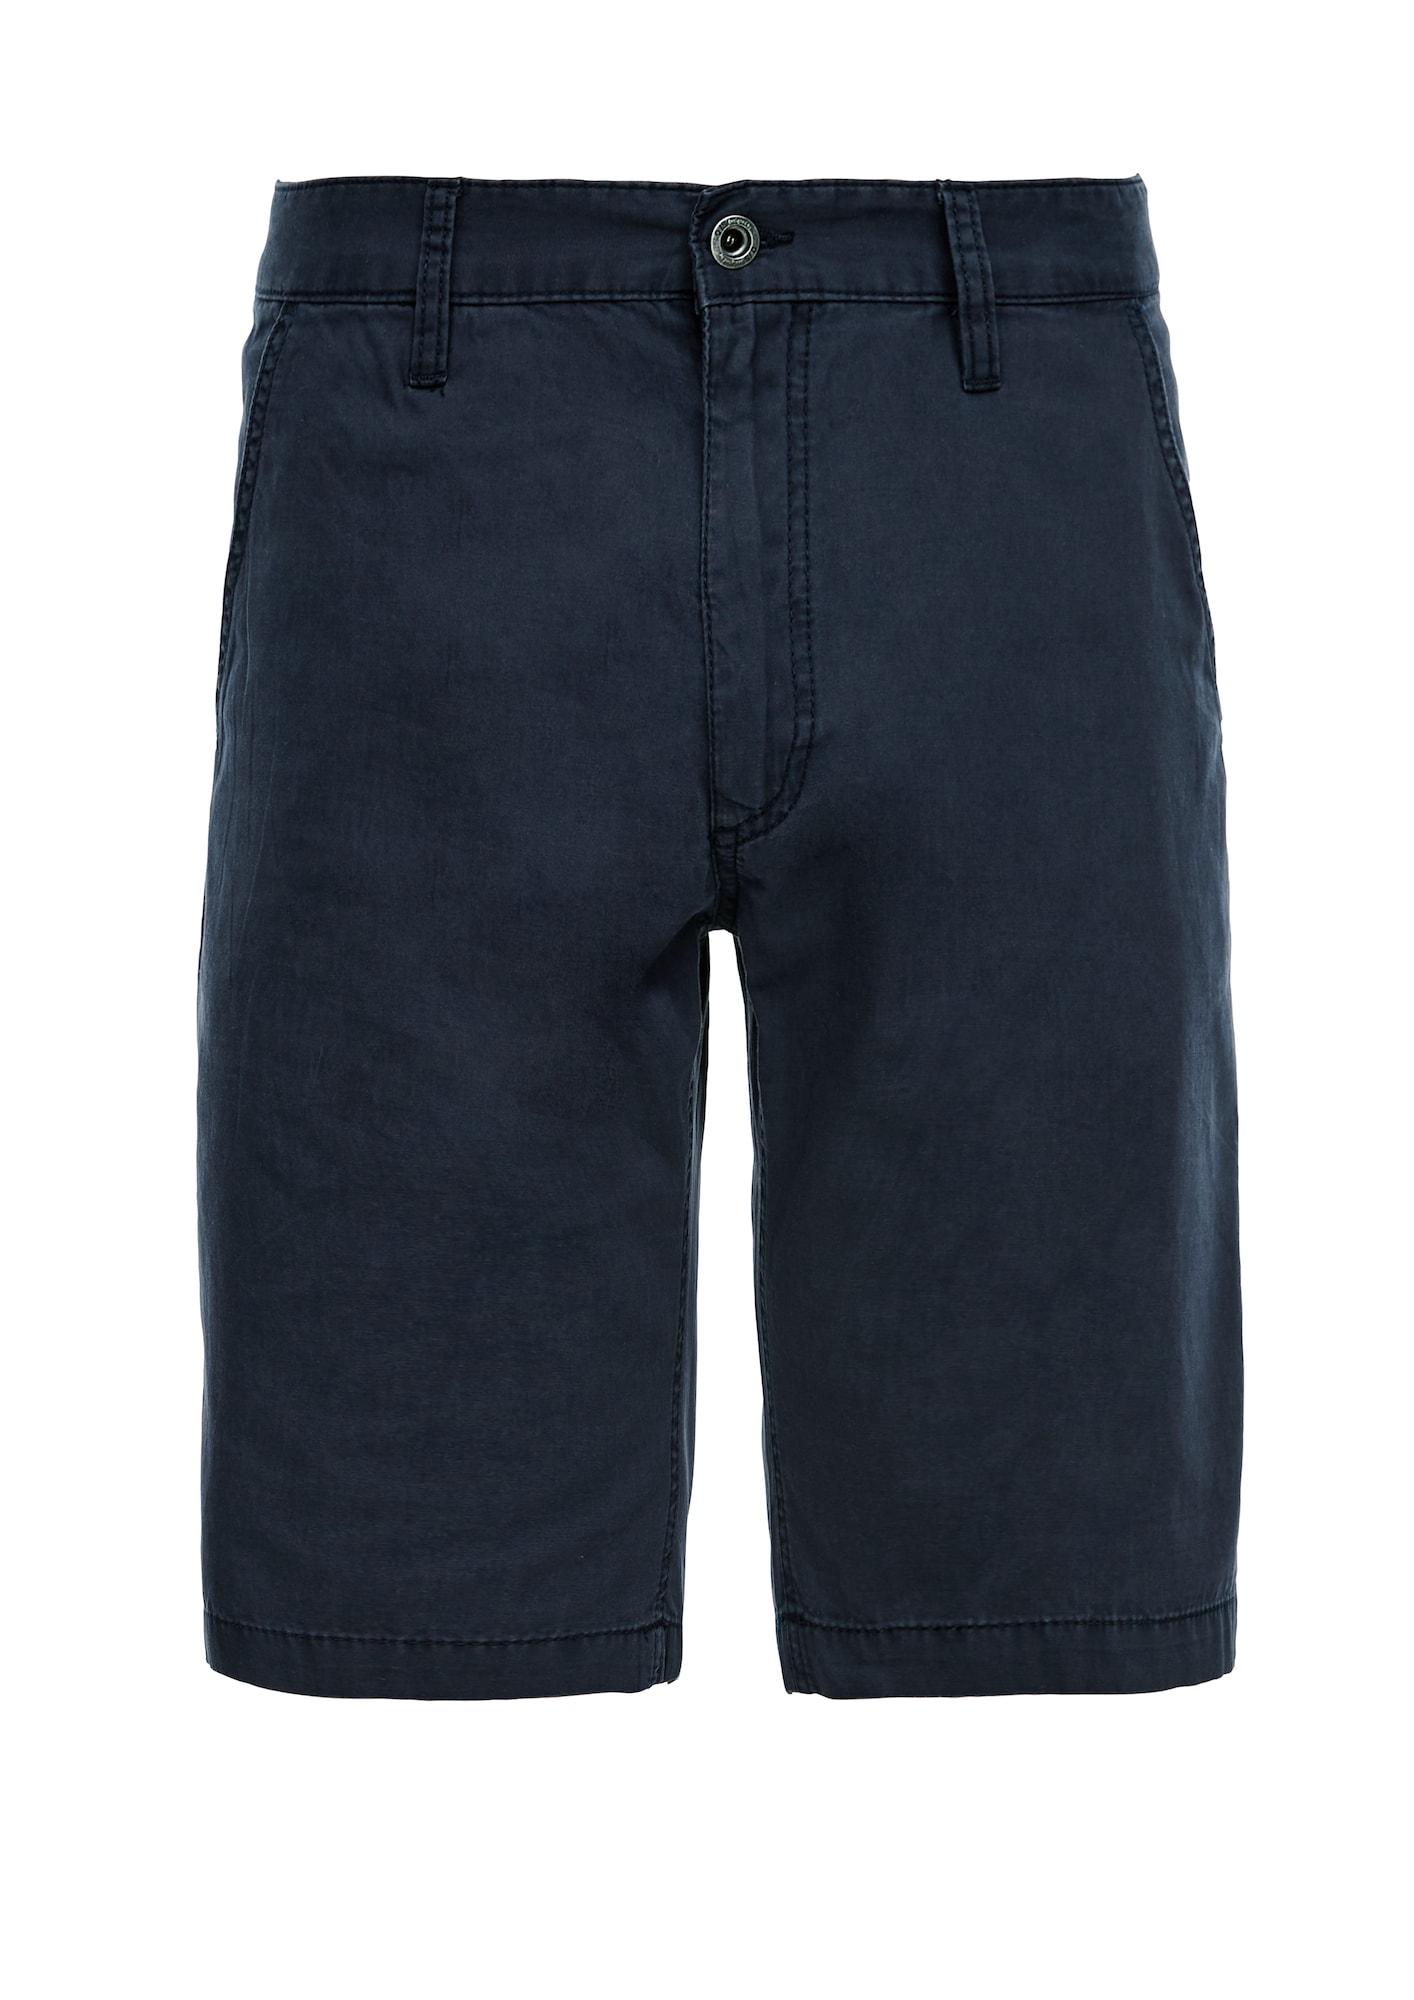 Q/S designed by Kelnės tamsiai mėlyna jūros spalva